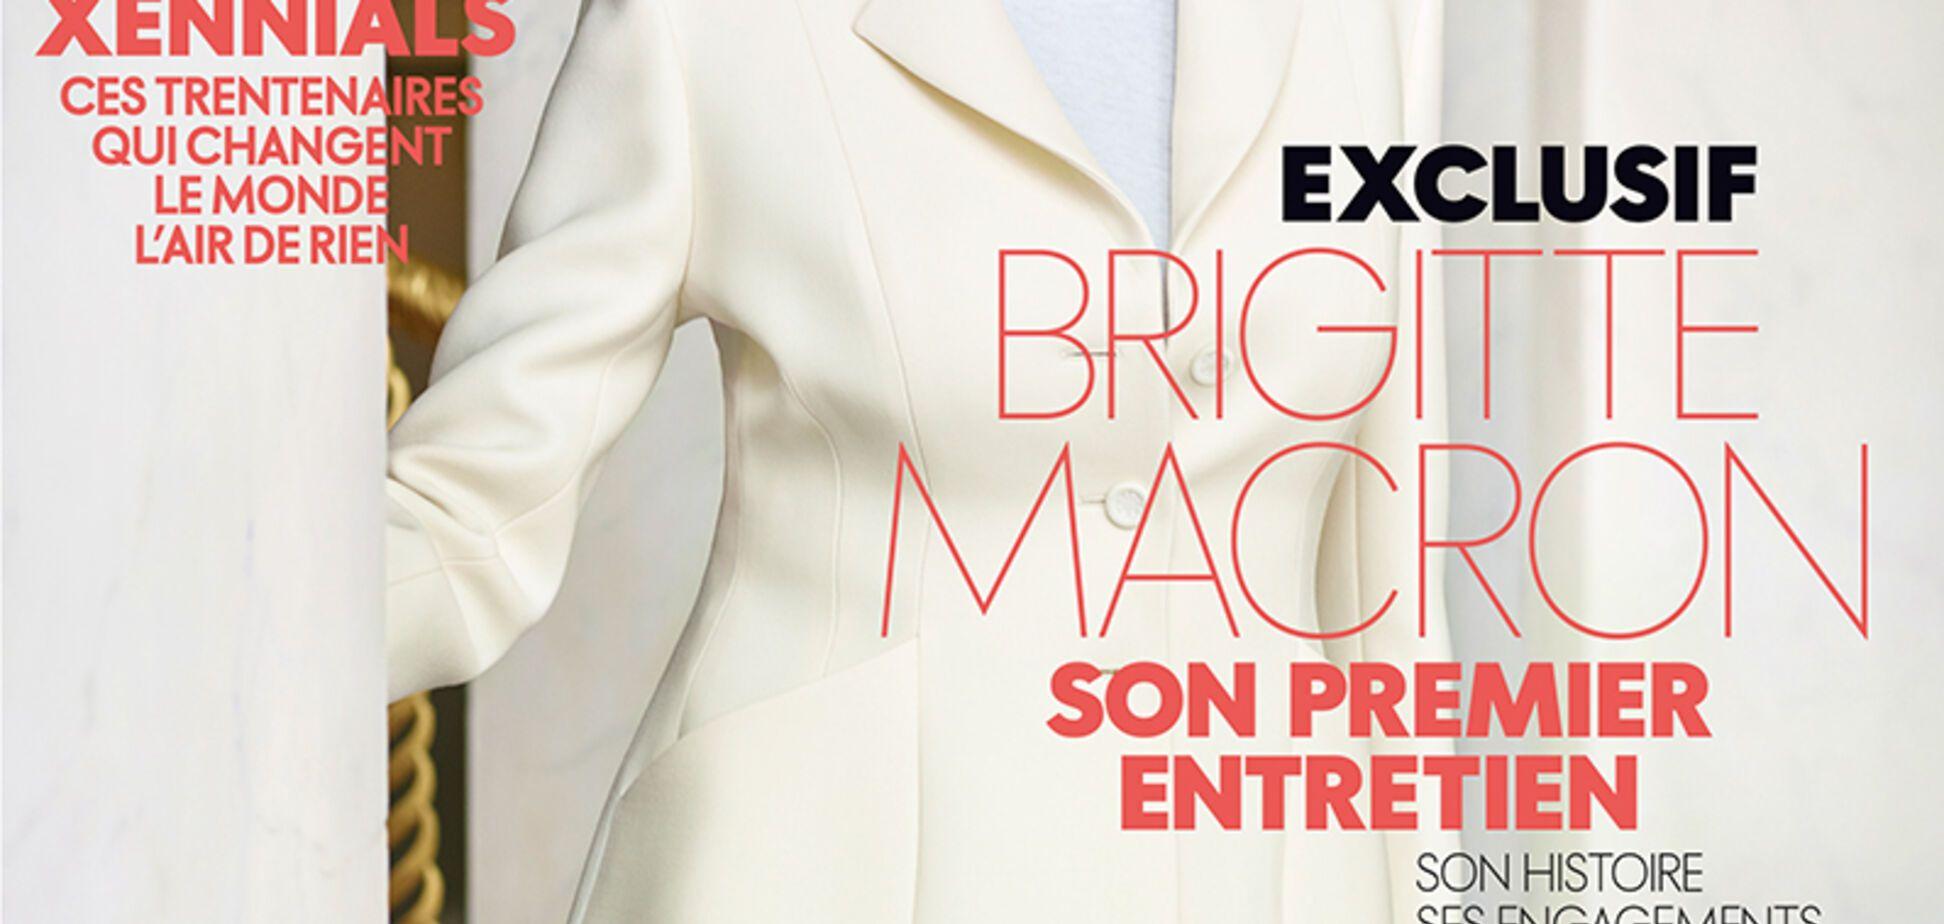 Дружина Макрона прикрасила обкладинку Elle: він одразу став головною сенсацією Франції